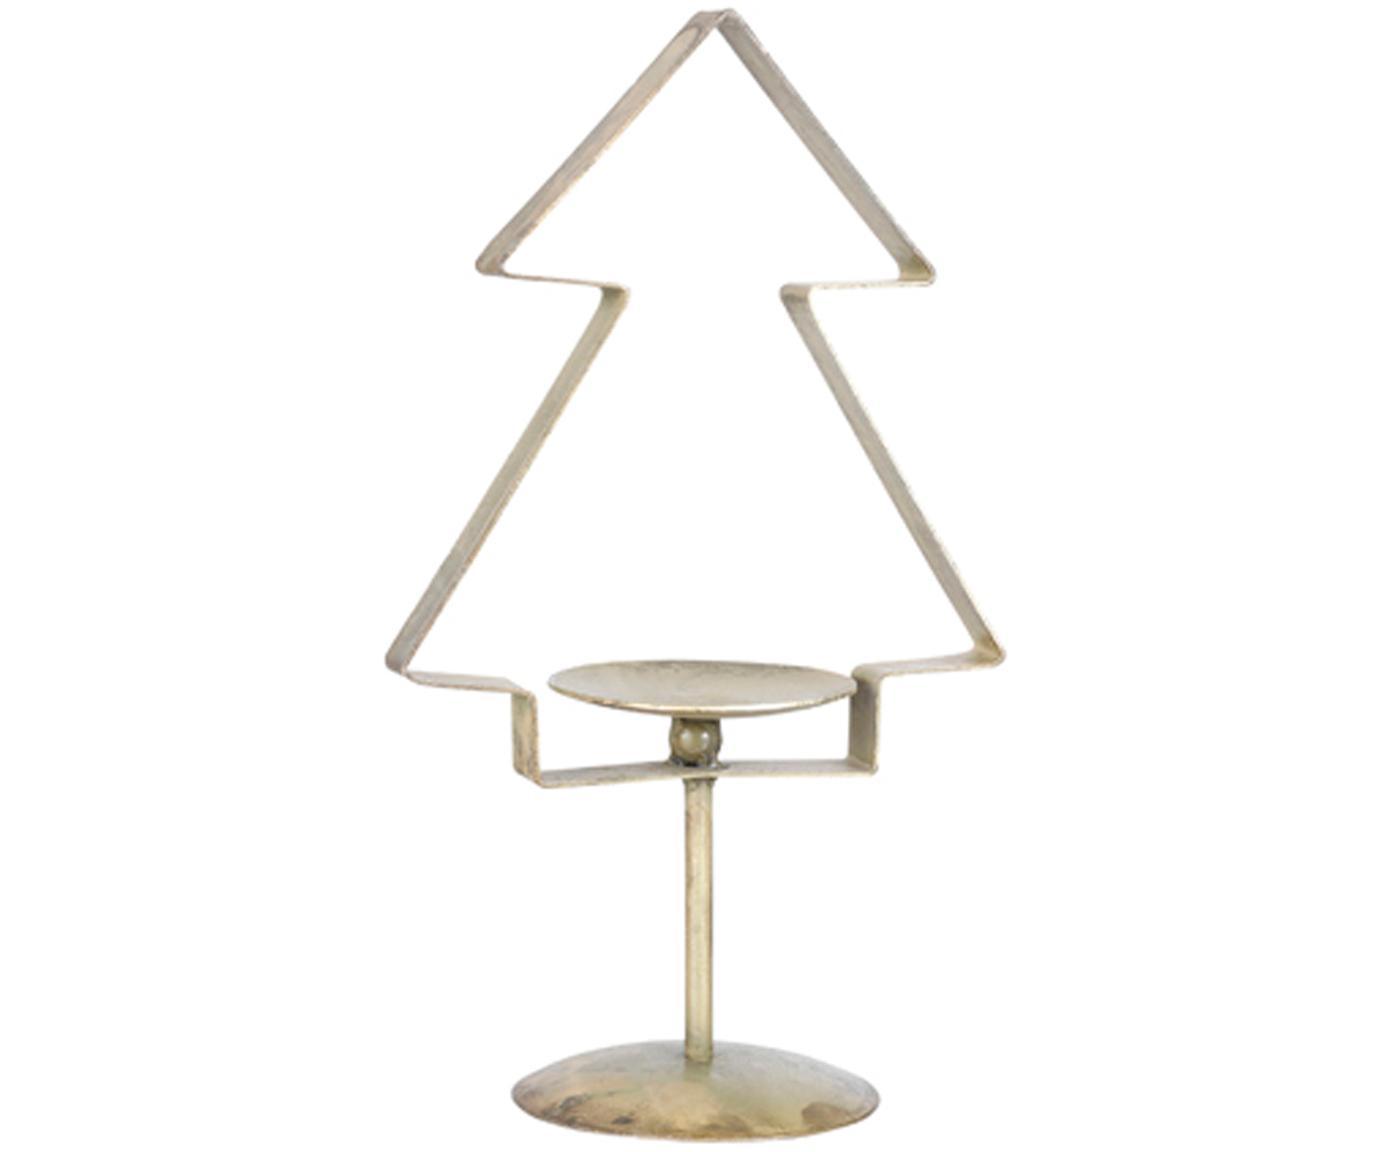 Portacandela natalizio a forma di pino Tree, Metallo rivestito, Ottonato, Larg. 18 x Alt. 31 cm